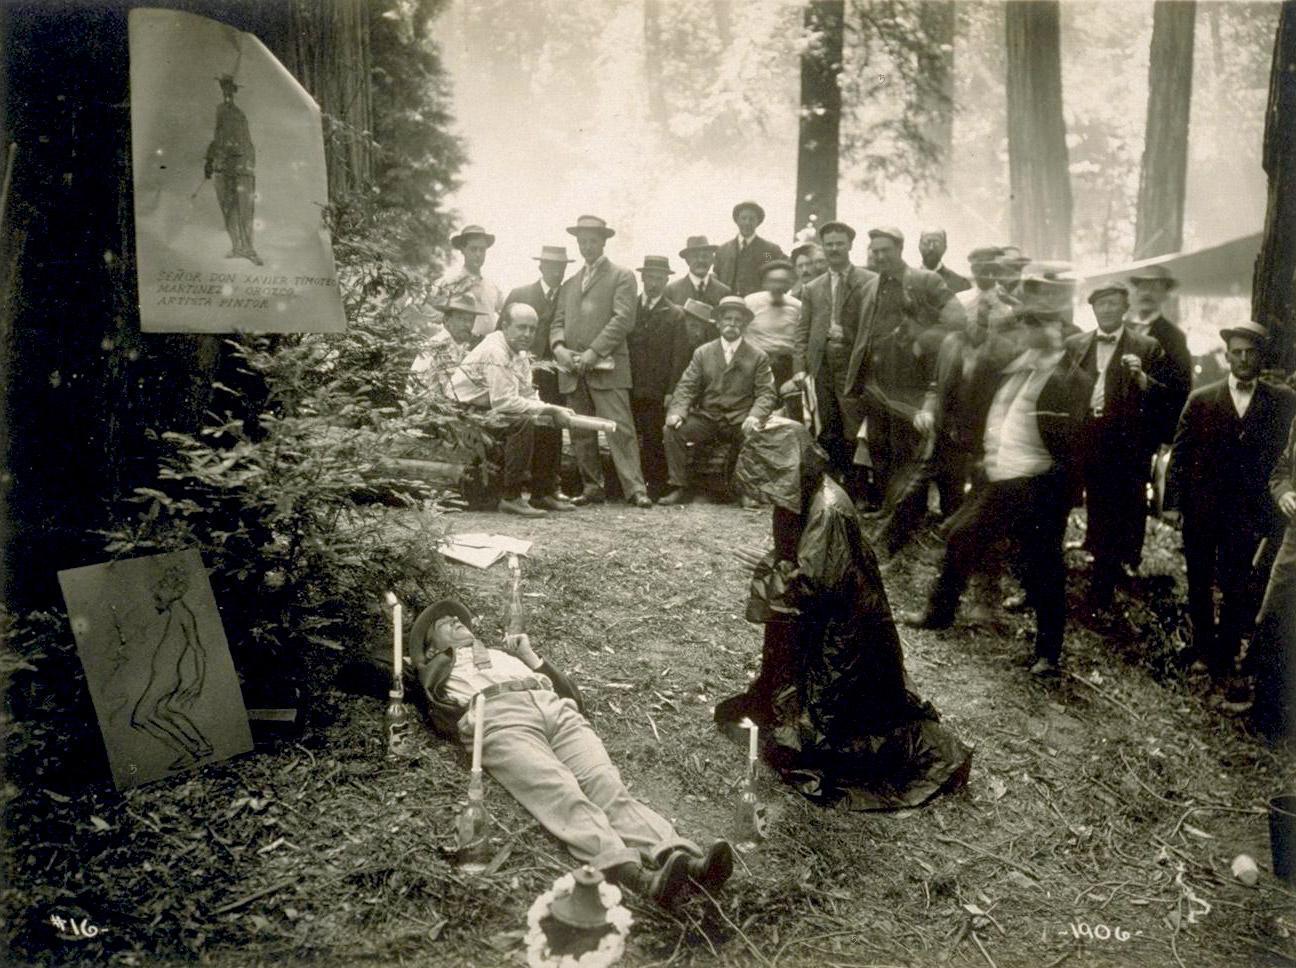 Cremation-of-Care-Bohemian-Grove-jessewaugh.com-8.jpg